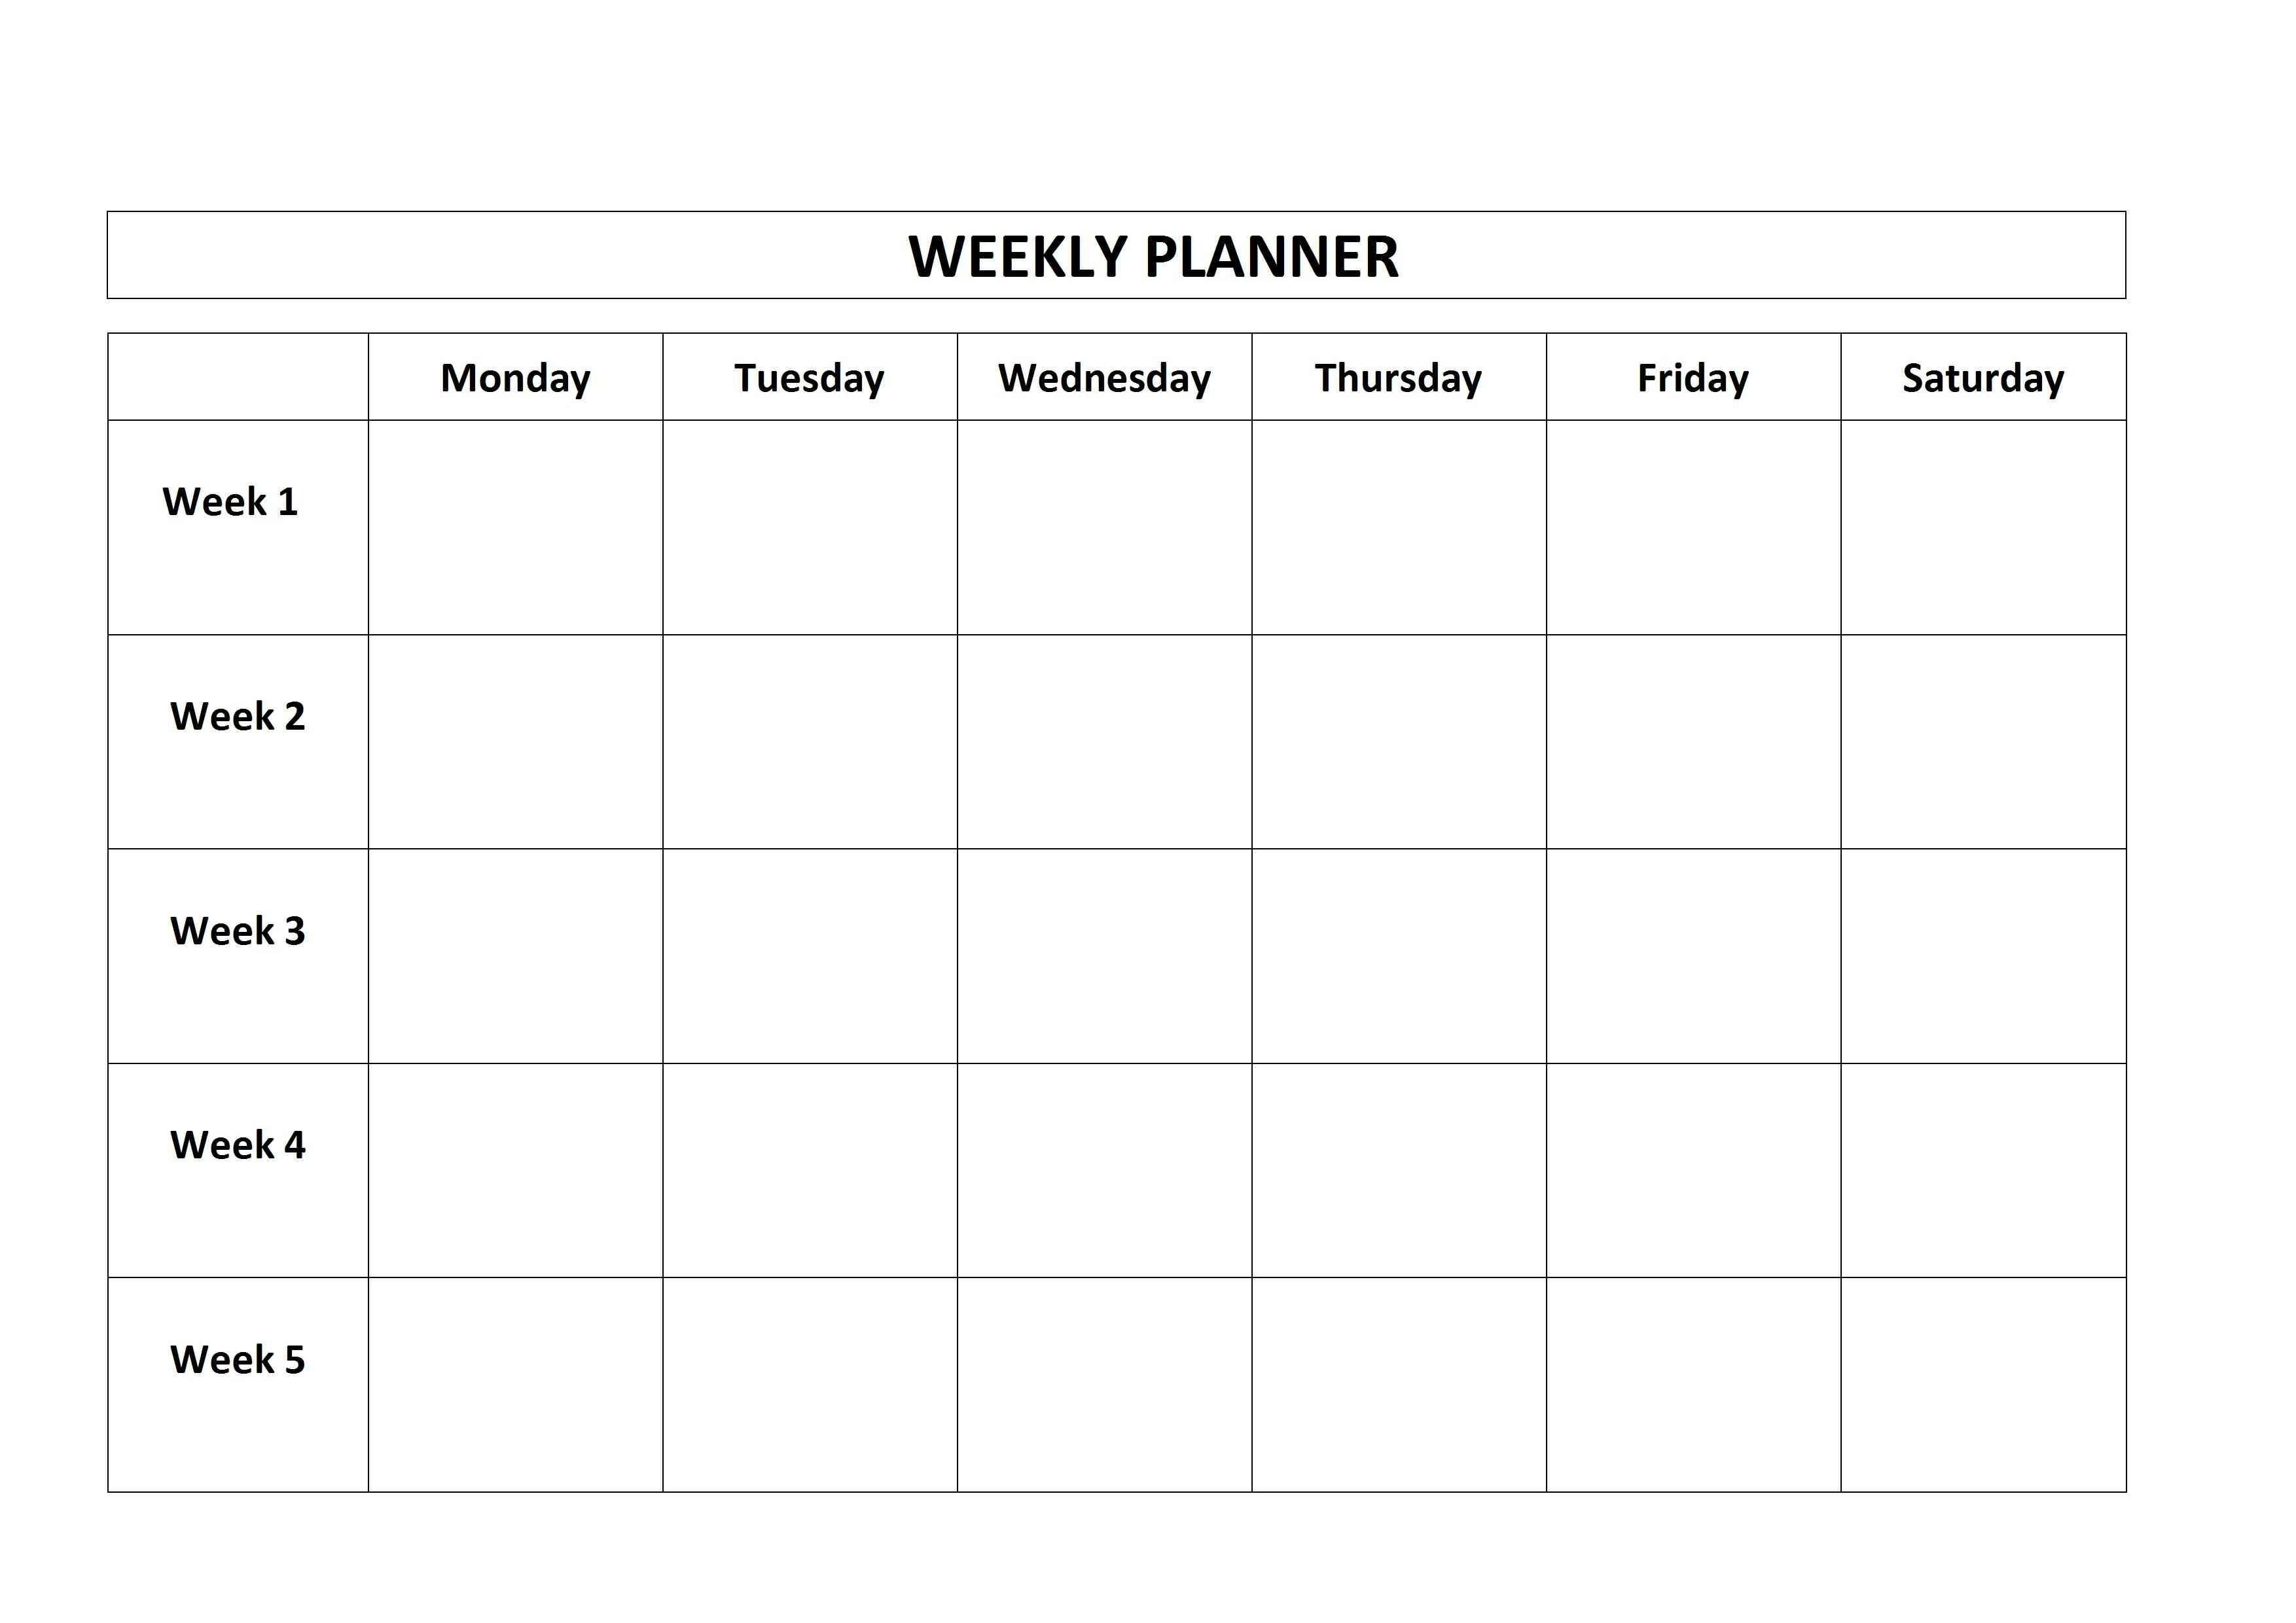 6 Week Blank Calendar Template – Get Your Calendar Printable for 6 Week Blank Schedule Template